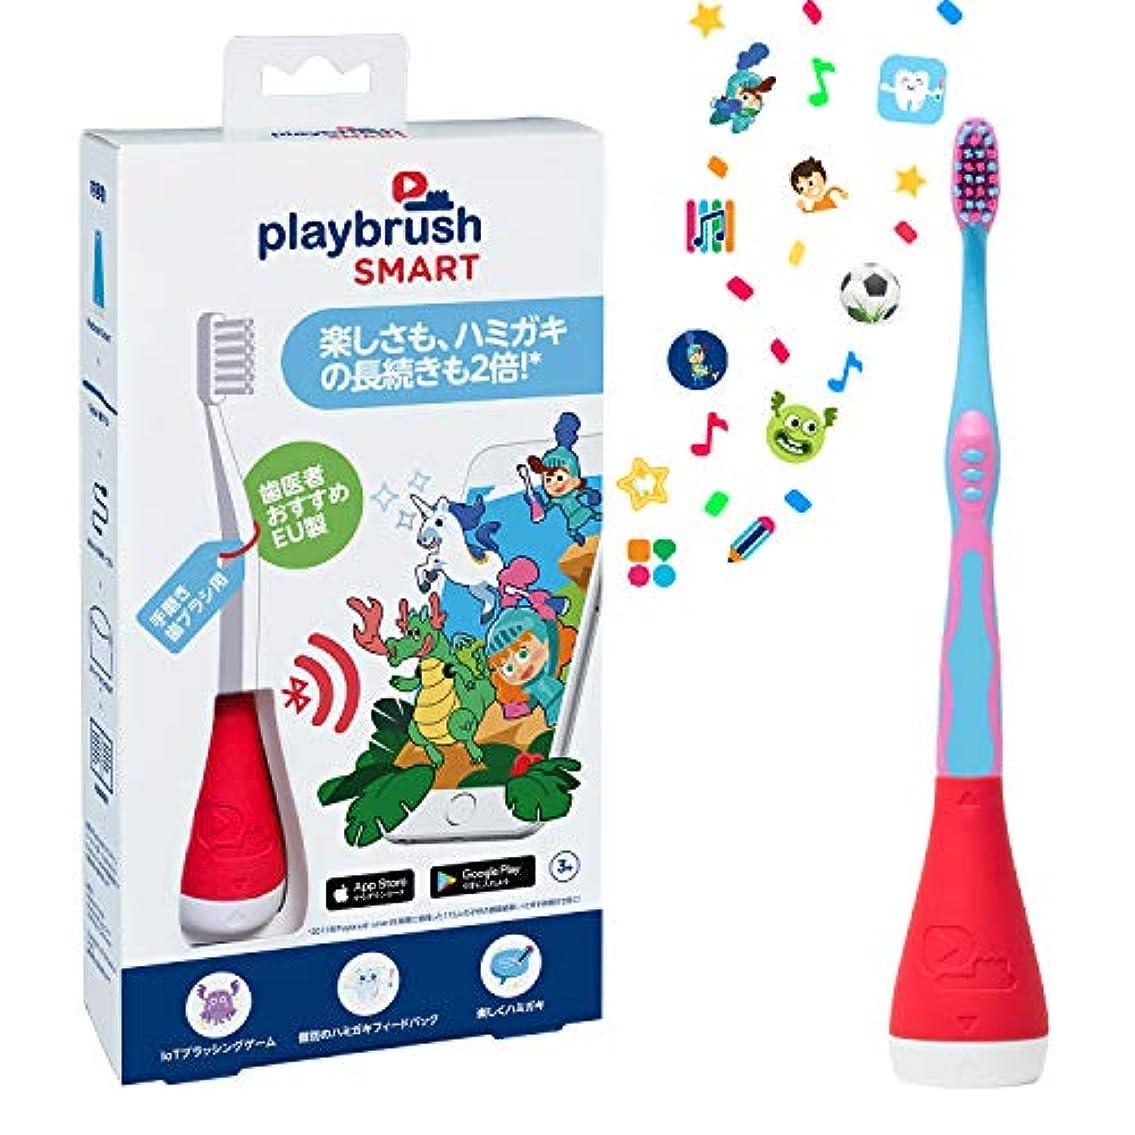 無視原点物質【ヨーロッパ製 アプリで正しいハミガキを身につけられる子供用 知育歯ブラシ】プレイブラッシュ スマート レッド◇ 普段の歯ブラシに取り付けるだけ◇ Playbrush Smart Red